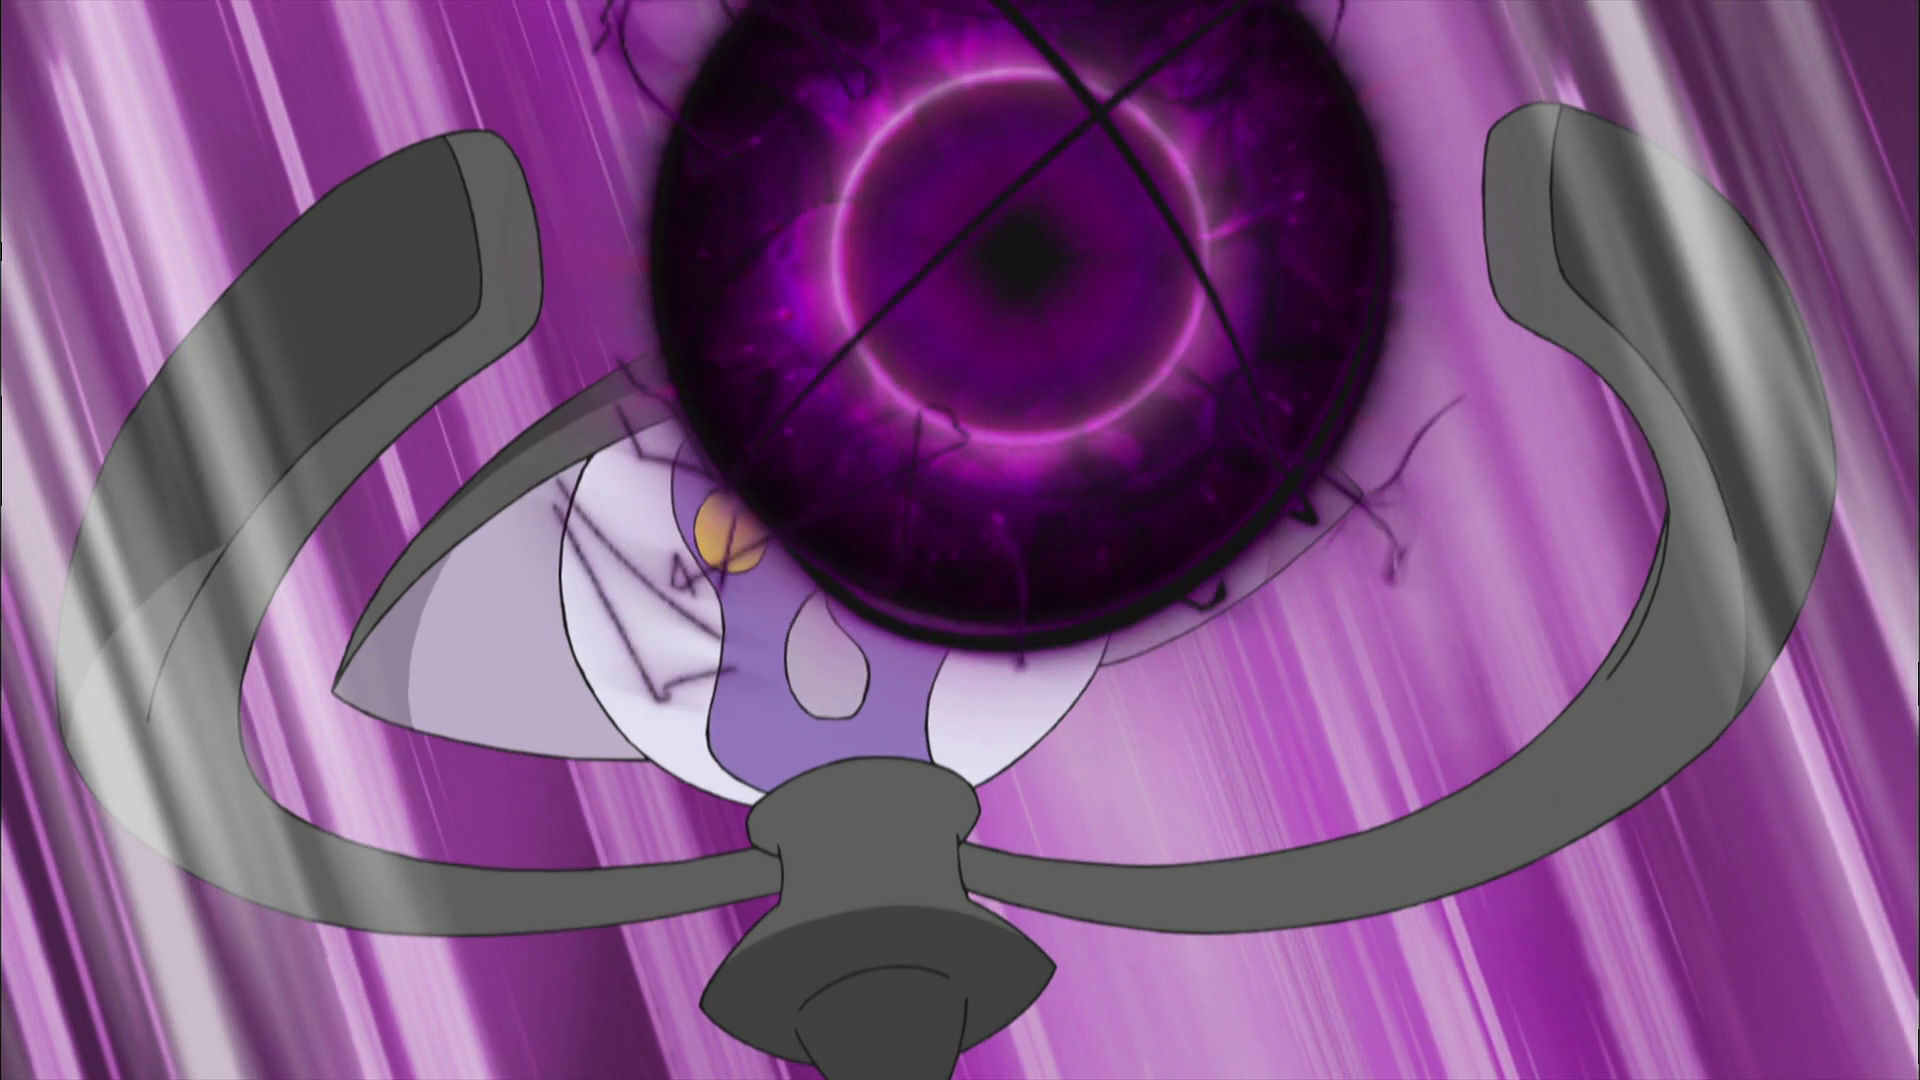 Pokemon Bulbasaur Images